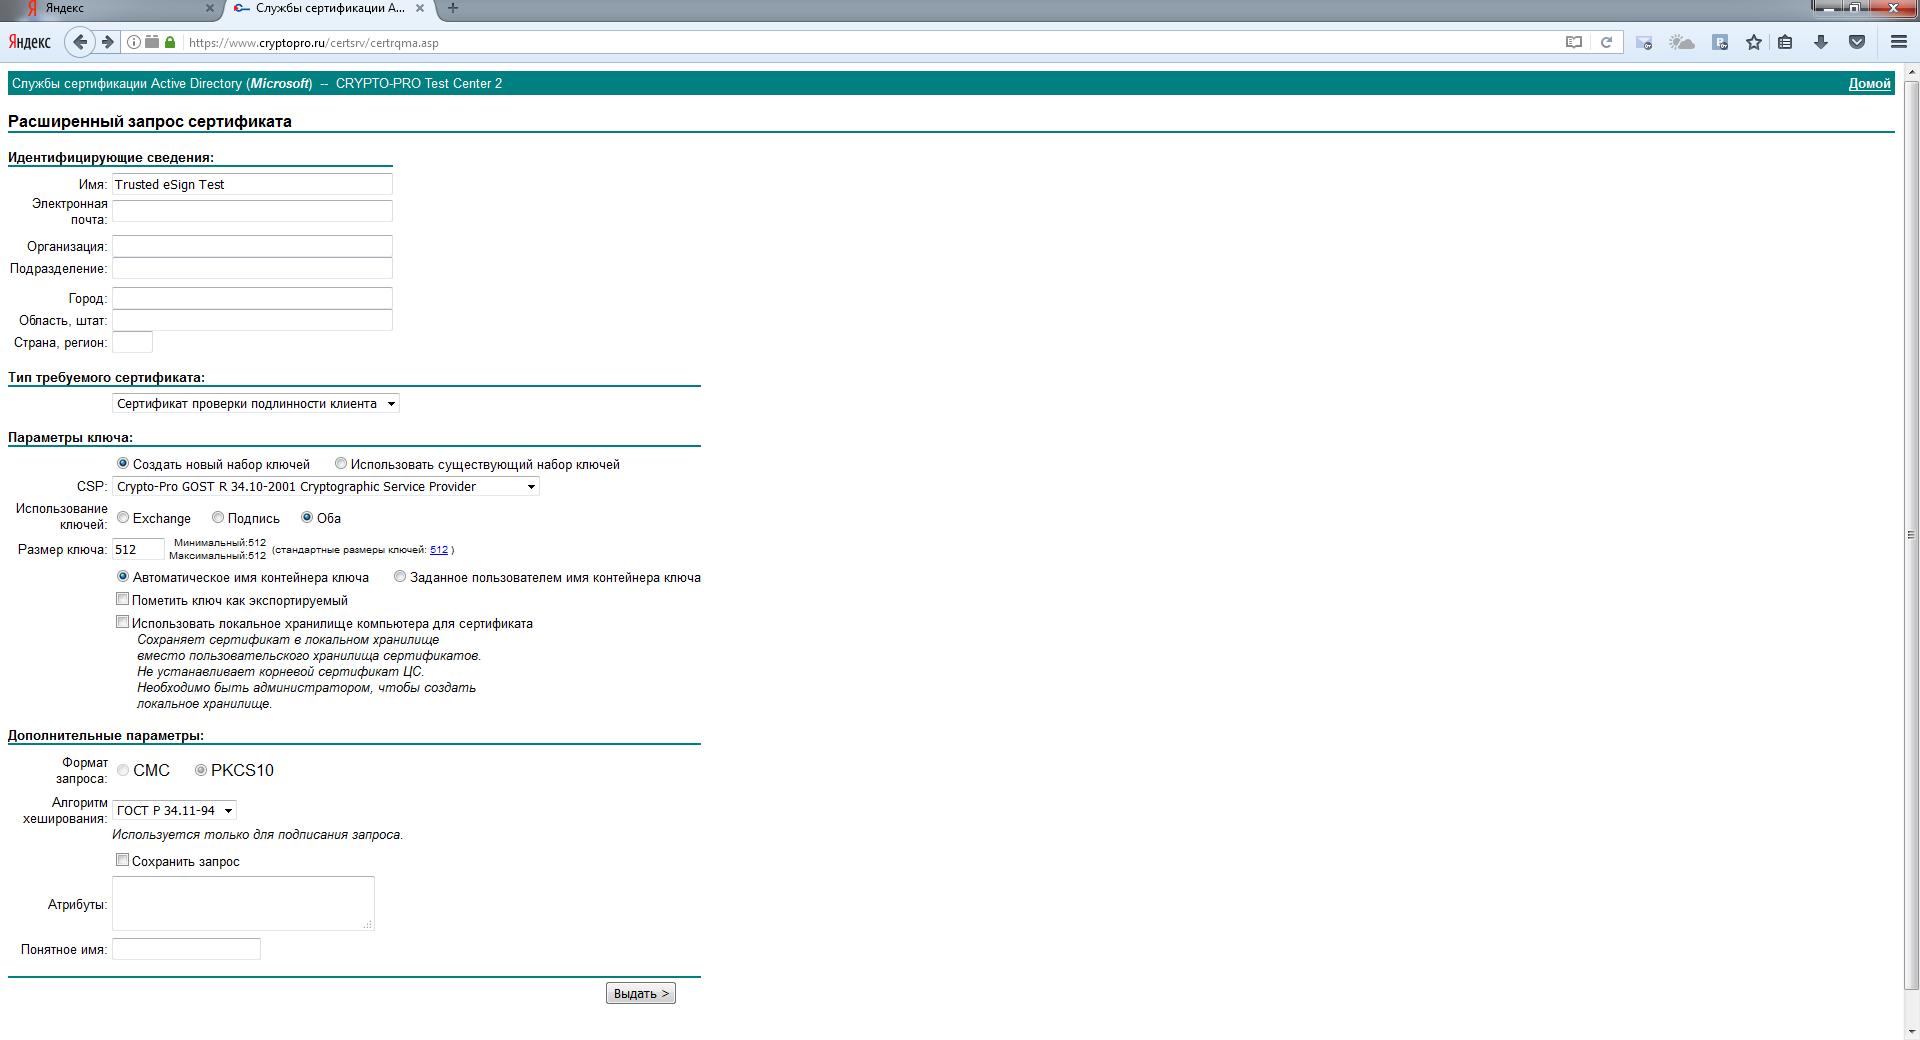 Как я настраивал новые утилиты по работе с электронной подписью в Linux - 3